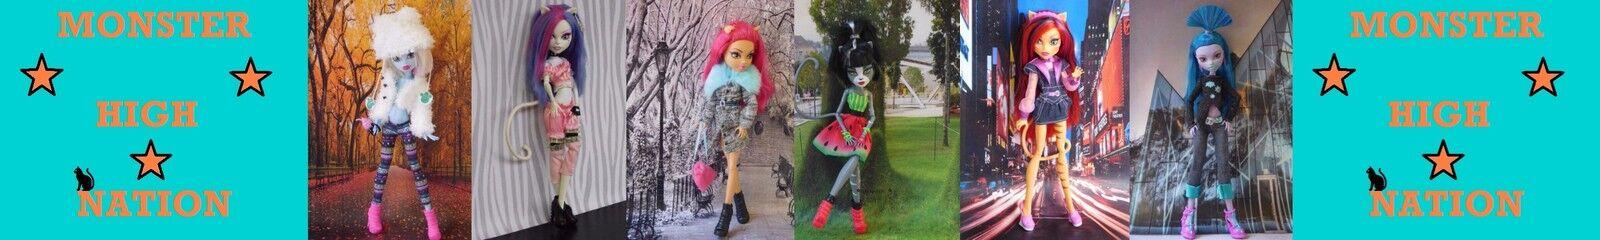 Monster High Nation